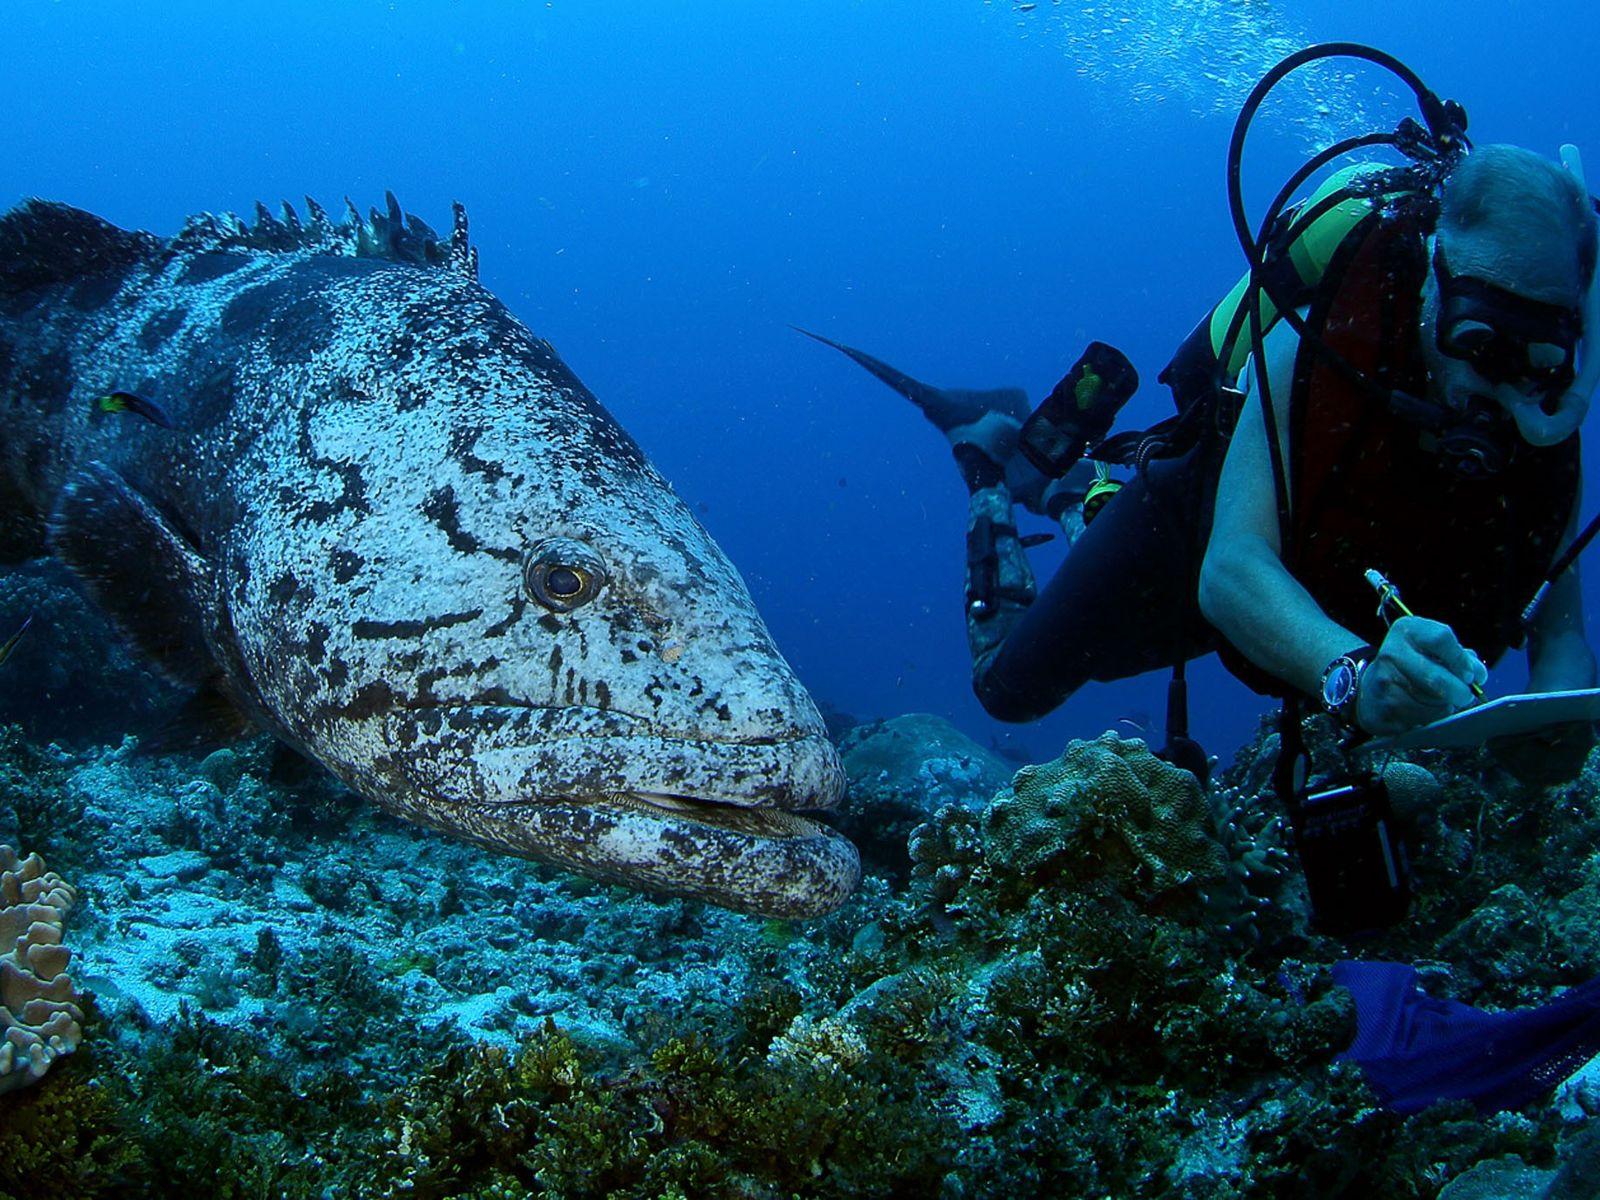 Ein Taucher des Pristine Seas Project wird bei einer wissenschaftlichen Expedition in den Outer Islands der ...